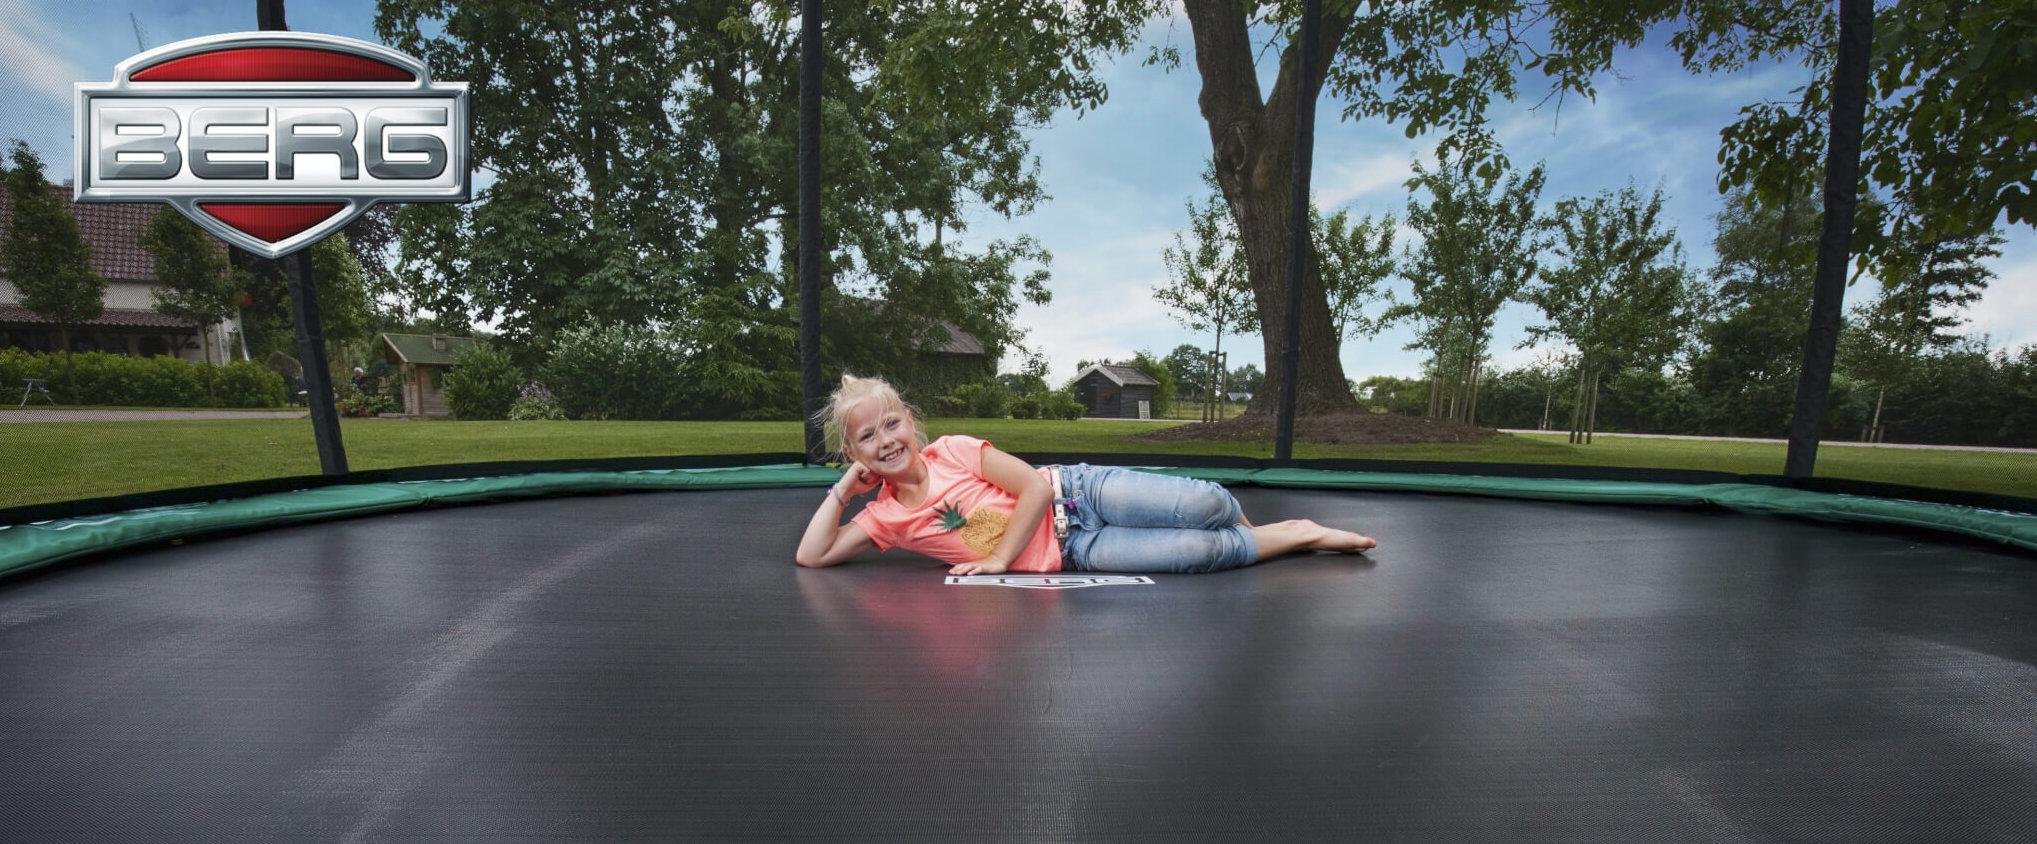 Trampolin Sprungtuch reinigen - Tipps von trampolin-profi.de